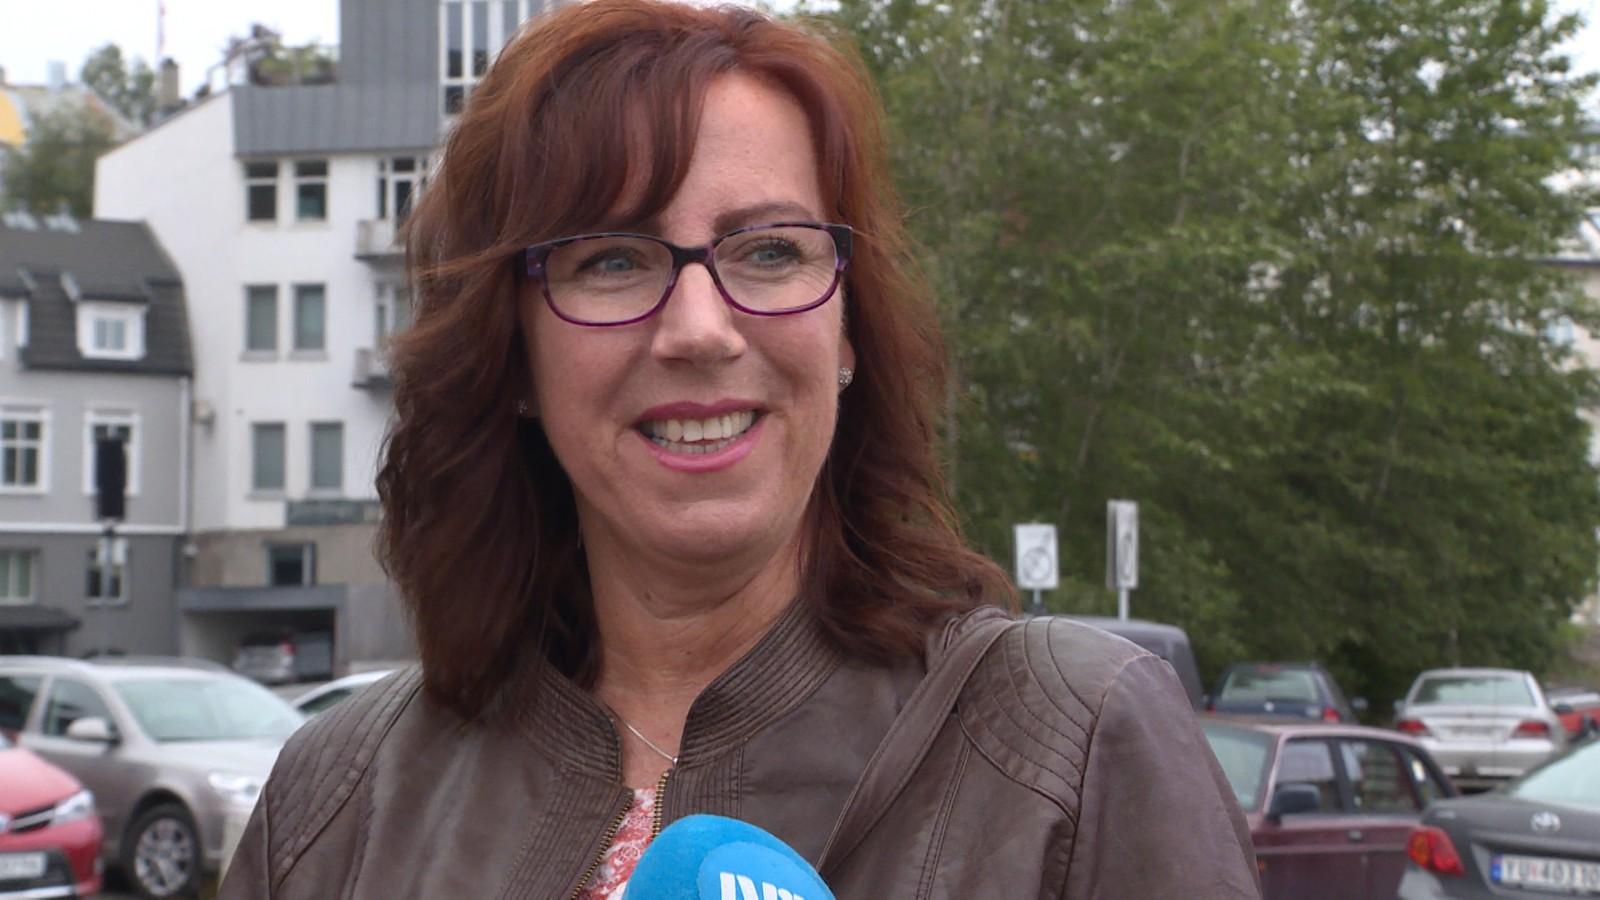 Hilde Rygvik synes ikke at turistene ikke skal betale skatt for å besøke steder. Hun er usikker på hvilken annen måte de kunne betalt, men et alternativt kunne blitt at fergene kunne tatt ekstra betalt.